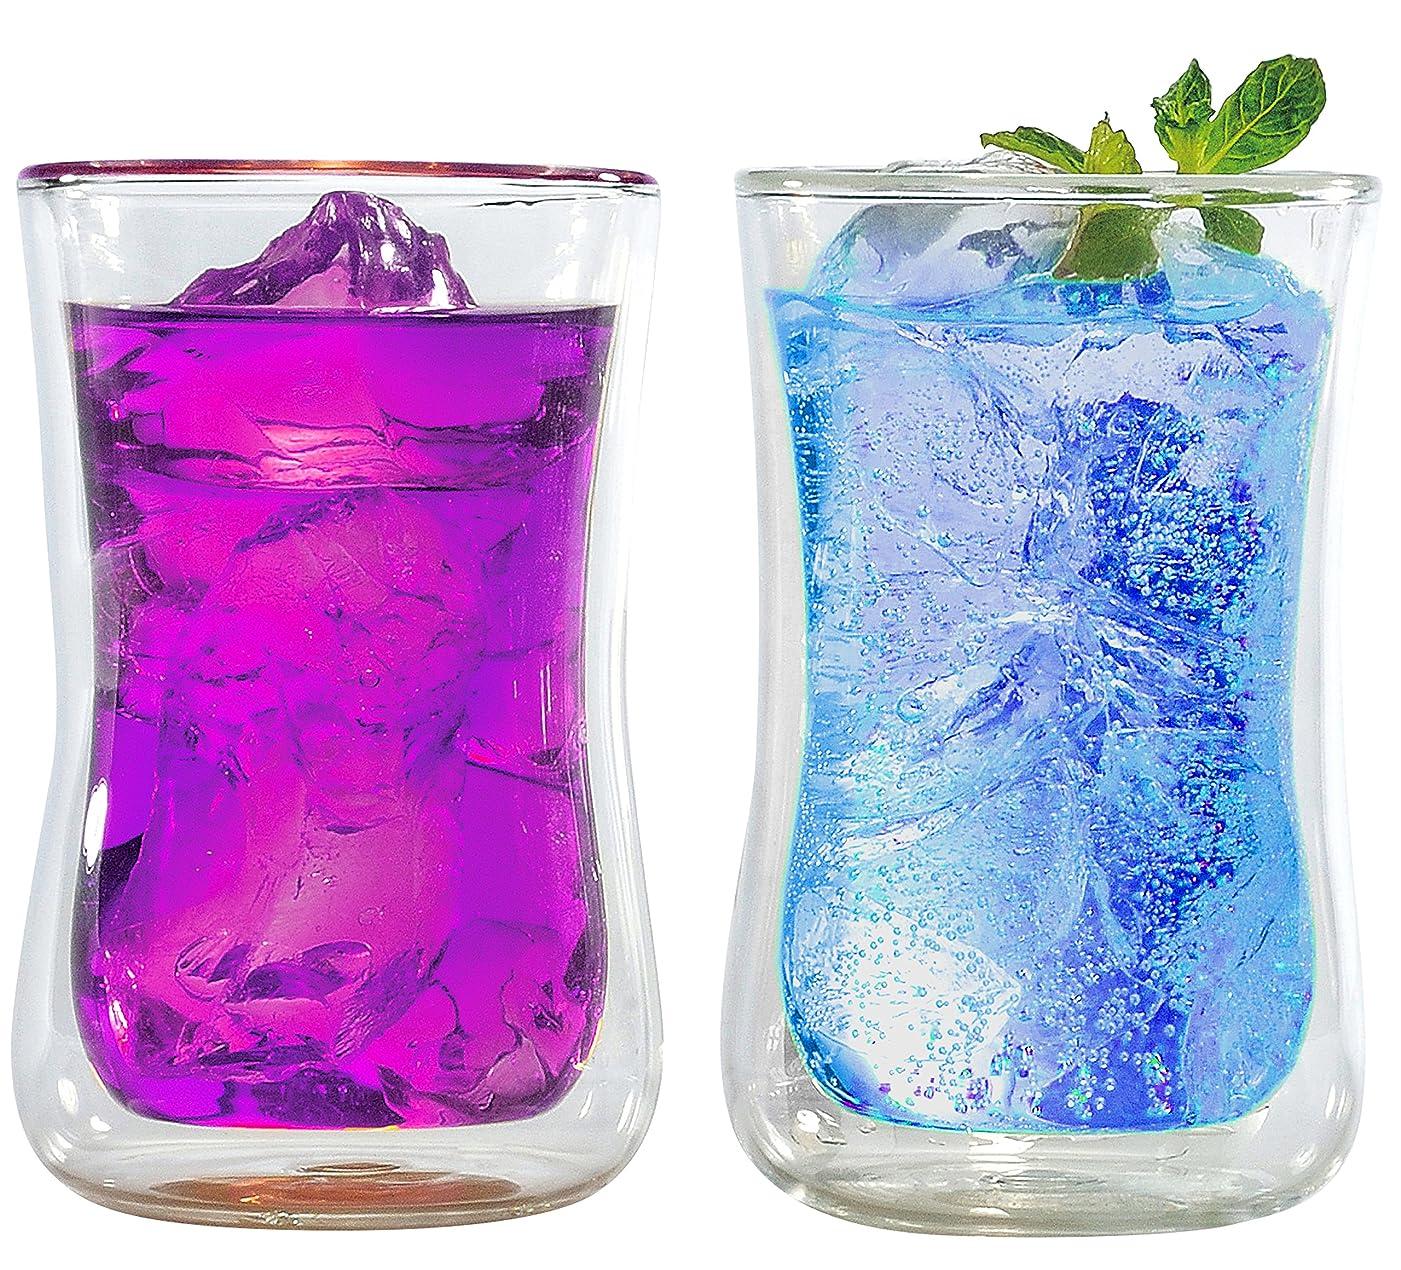 判読できないヶ月目まっすぐにするエムワールド ダブルウォール グラス タンブラー ペア セット 300ml ×2 耐熱 ガラス 仕様 プレゼント パッケージ 2個セット